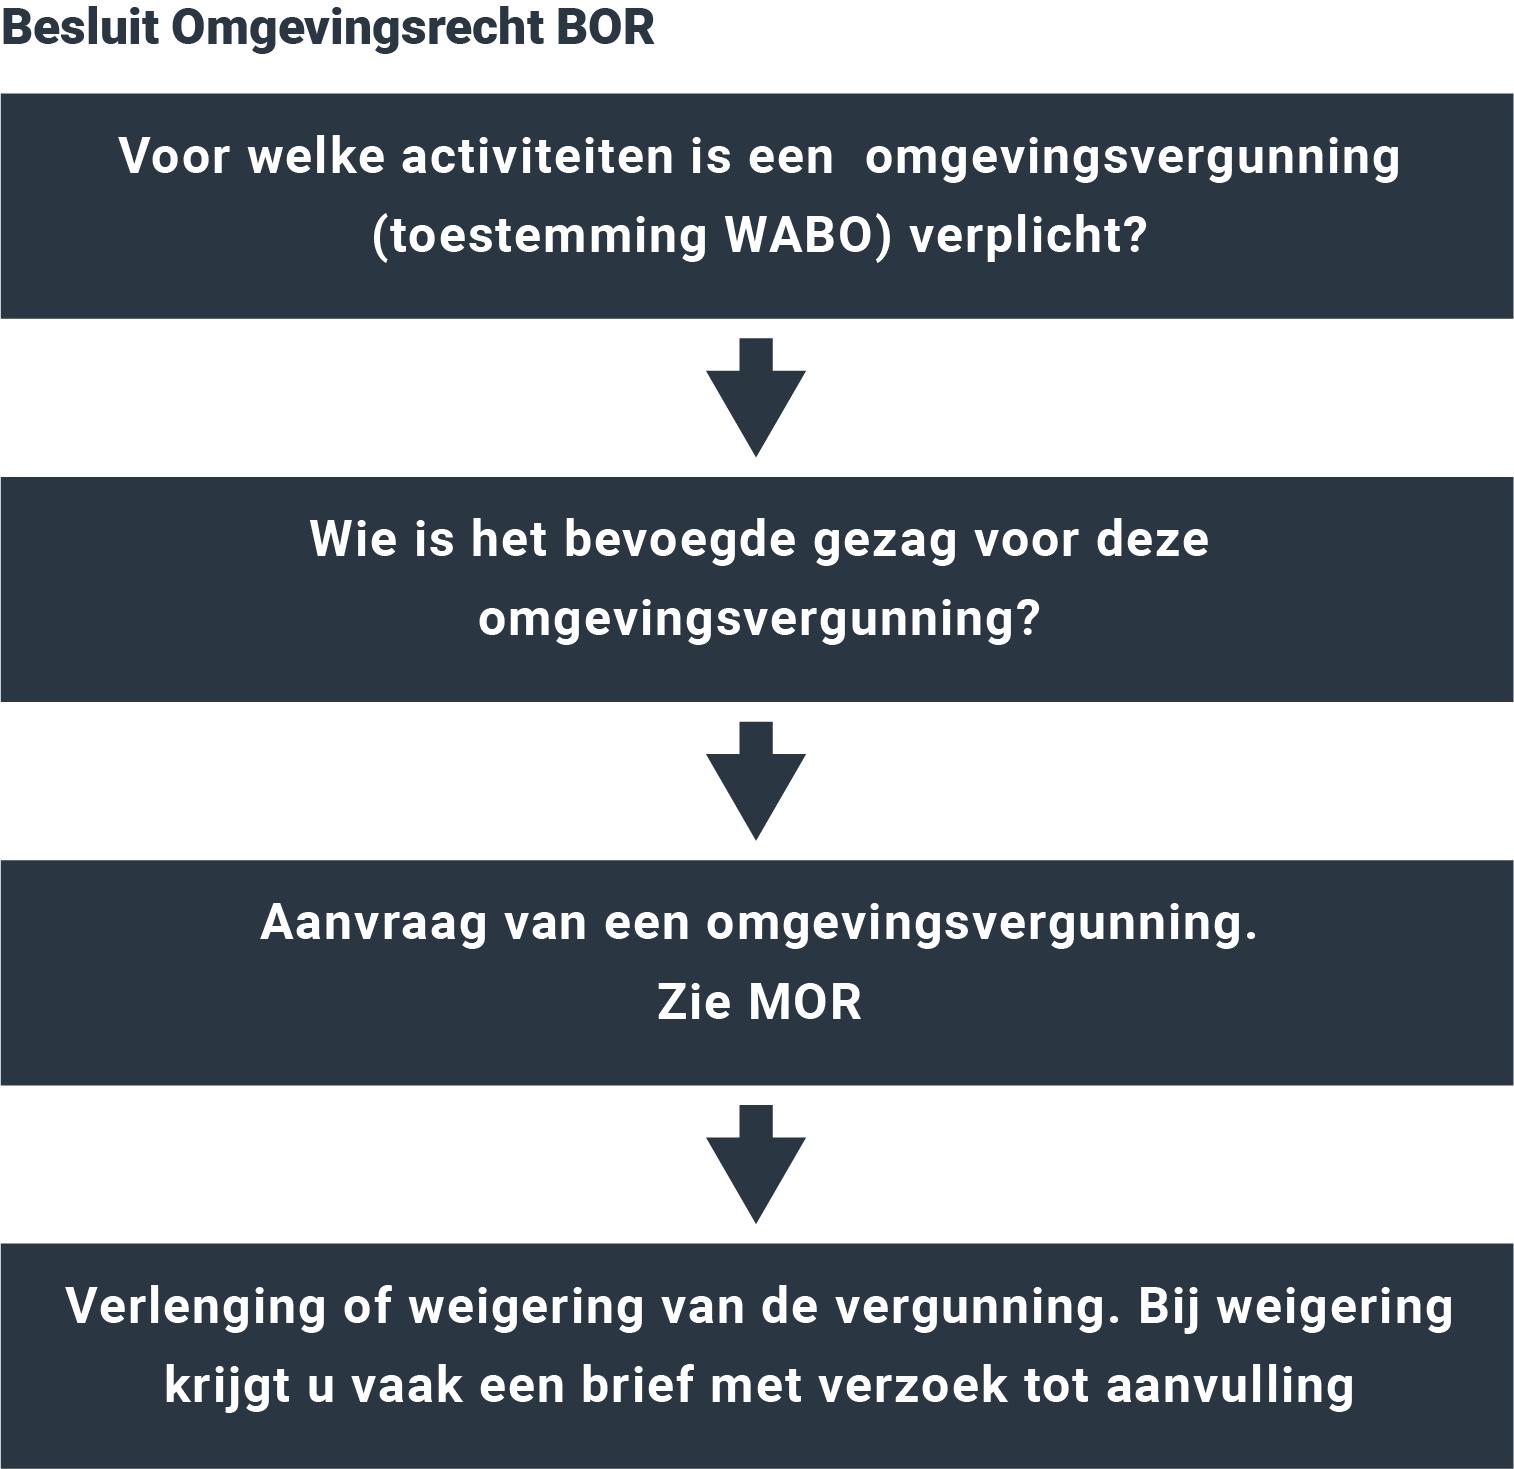 Besluit Omgevingsrecht (BOR)